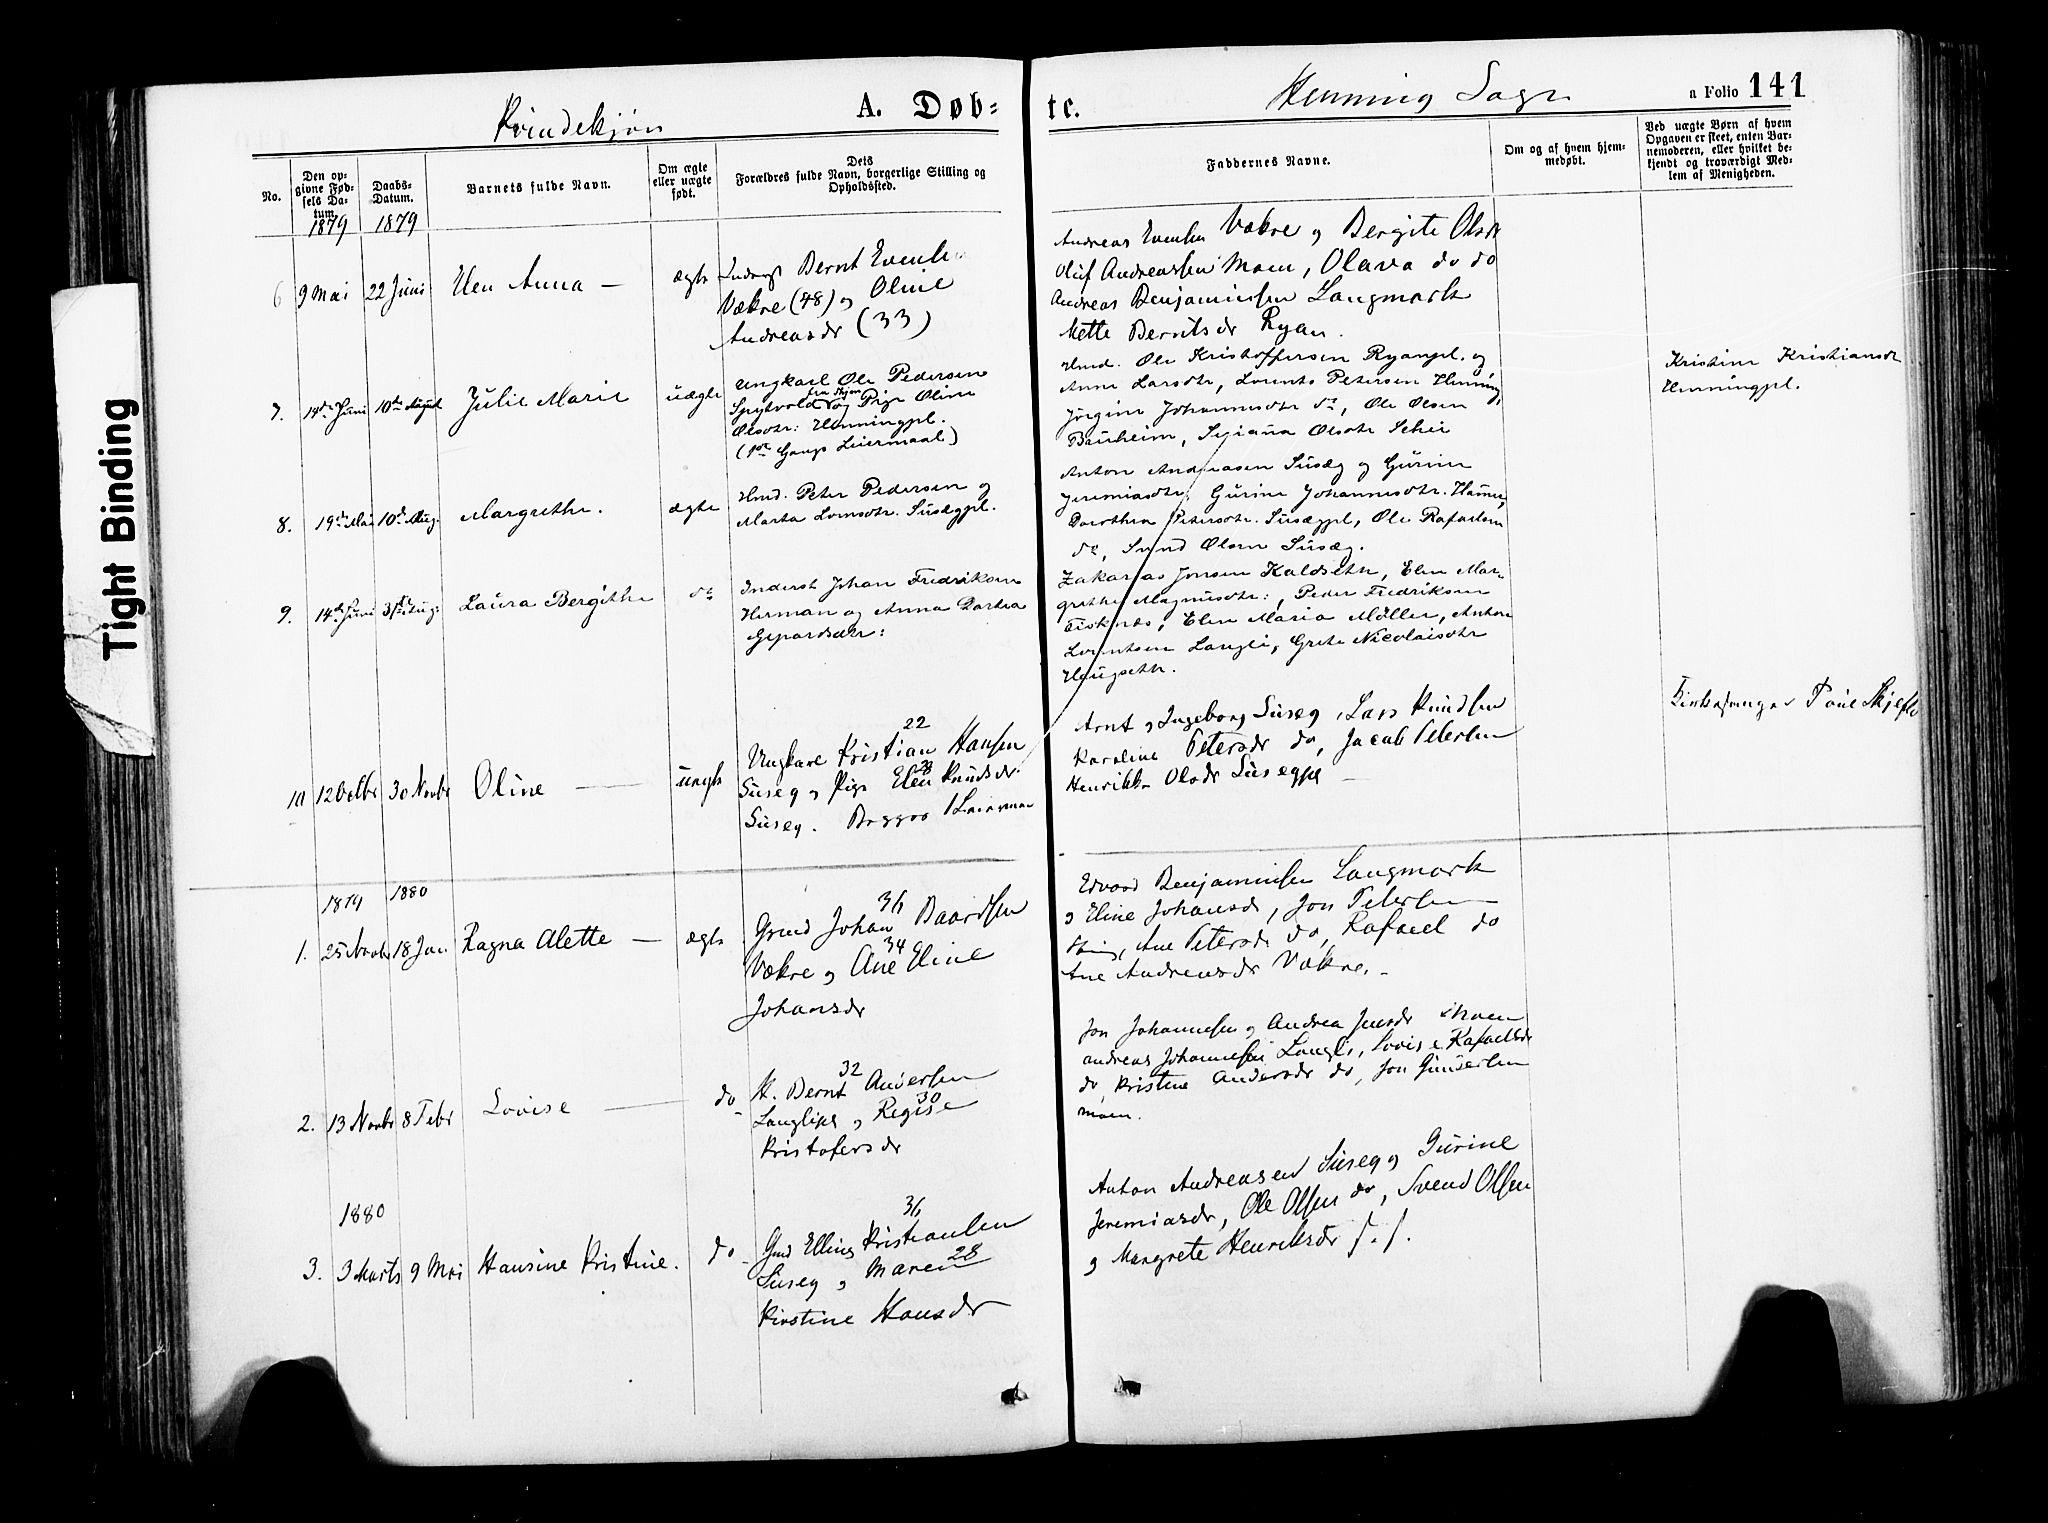 SAT, Ministerialprotokoller, klokkerbøker og fødselsregistre - Nord-Trøndelag, 735/L0348: Ministerialbok nr. 735A09 /3, 1873-1883, s. 141